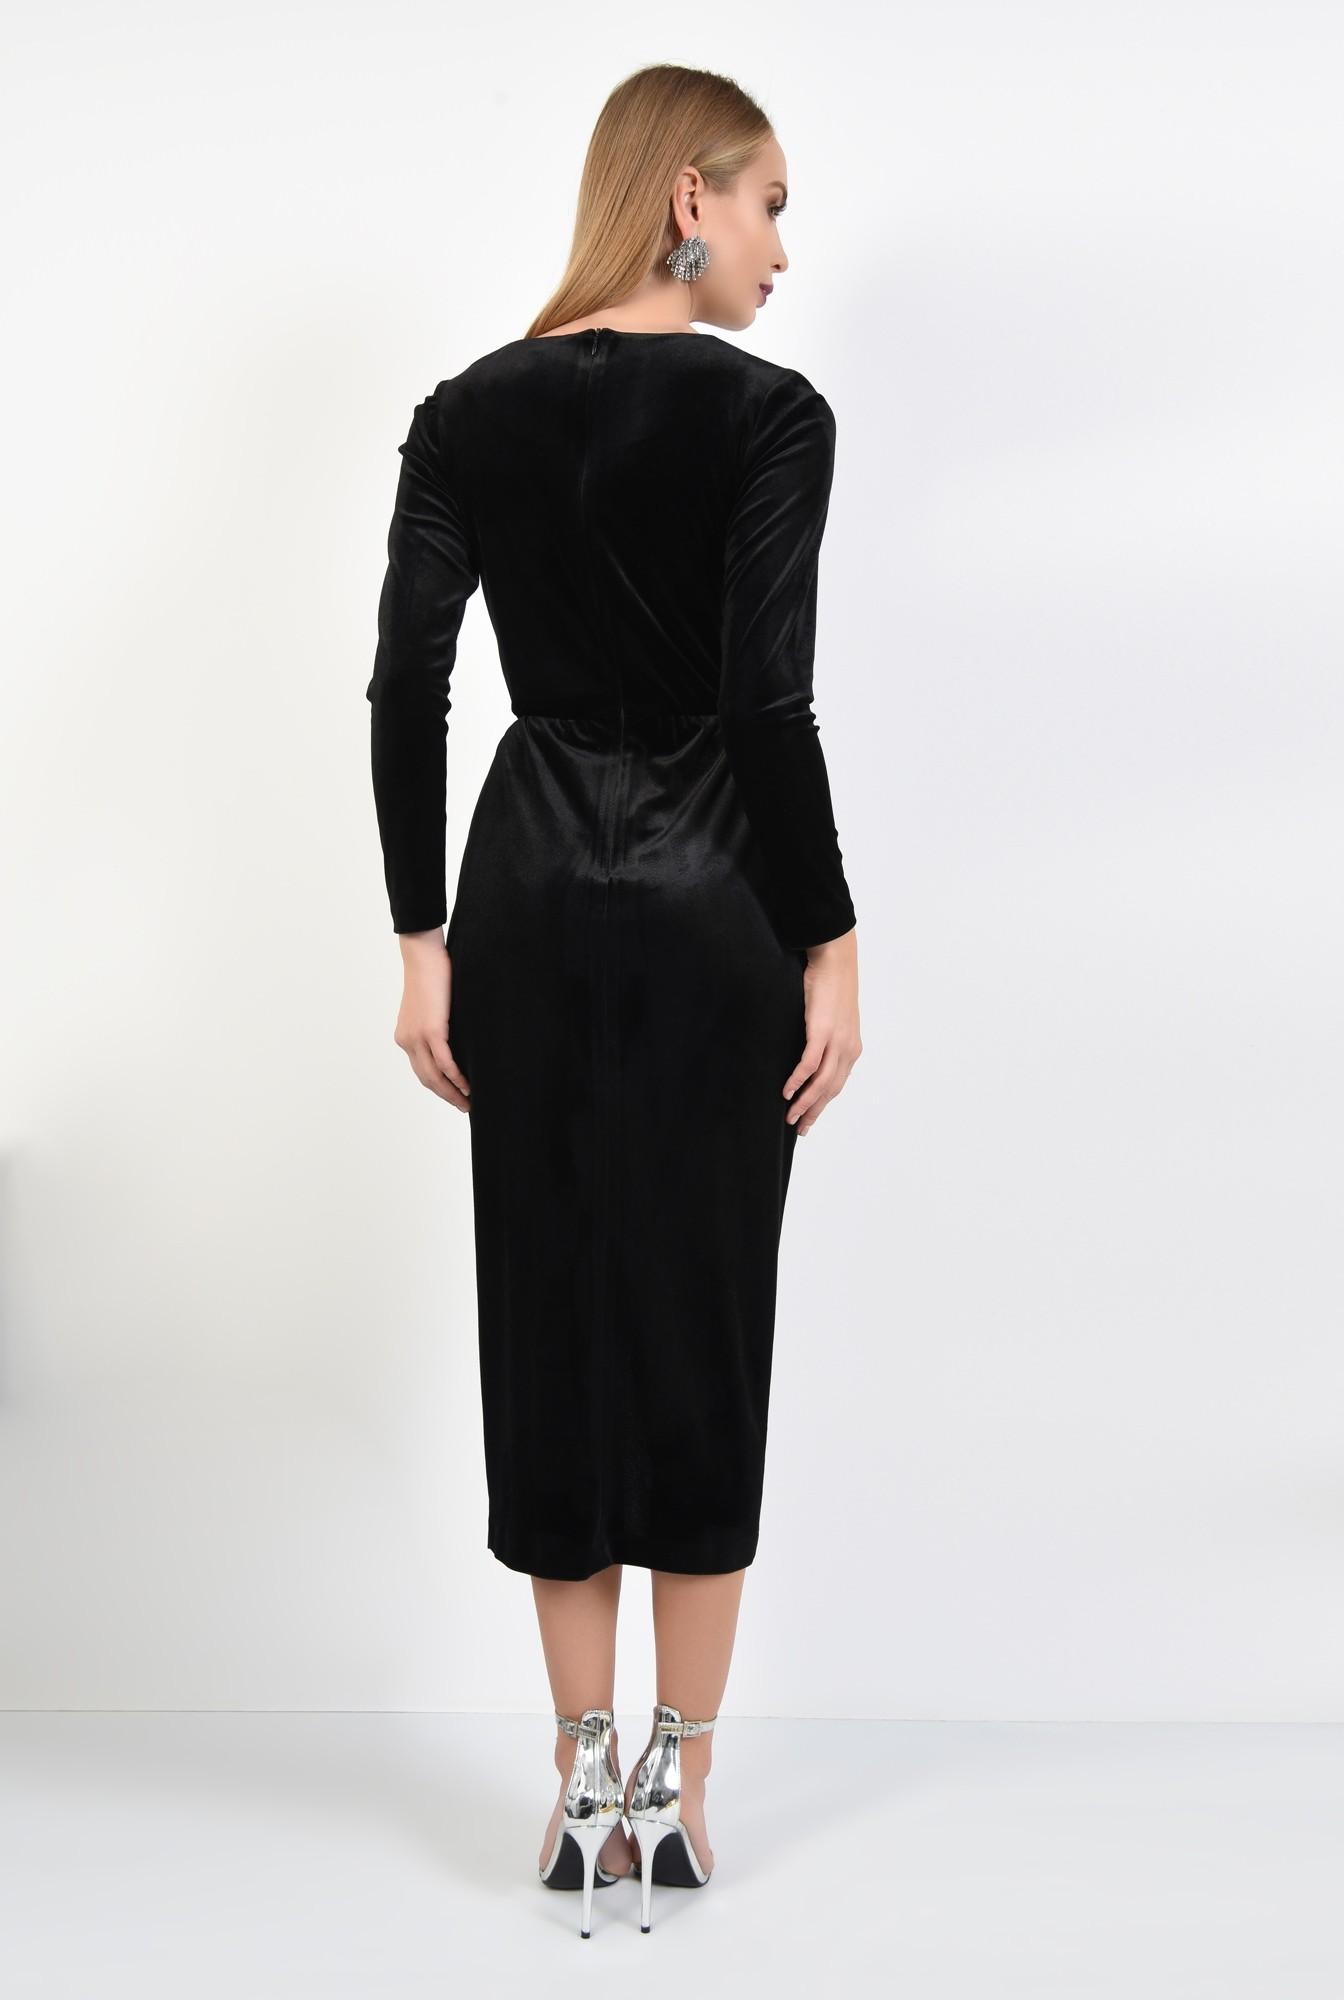 1 - rochie de seara, catifea, negru, pasmanterie la decolteu, parte peste parte